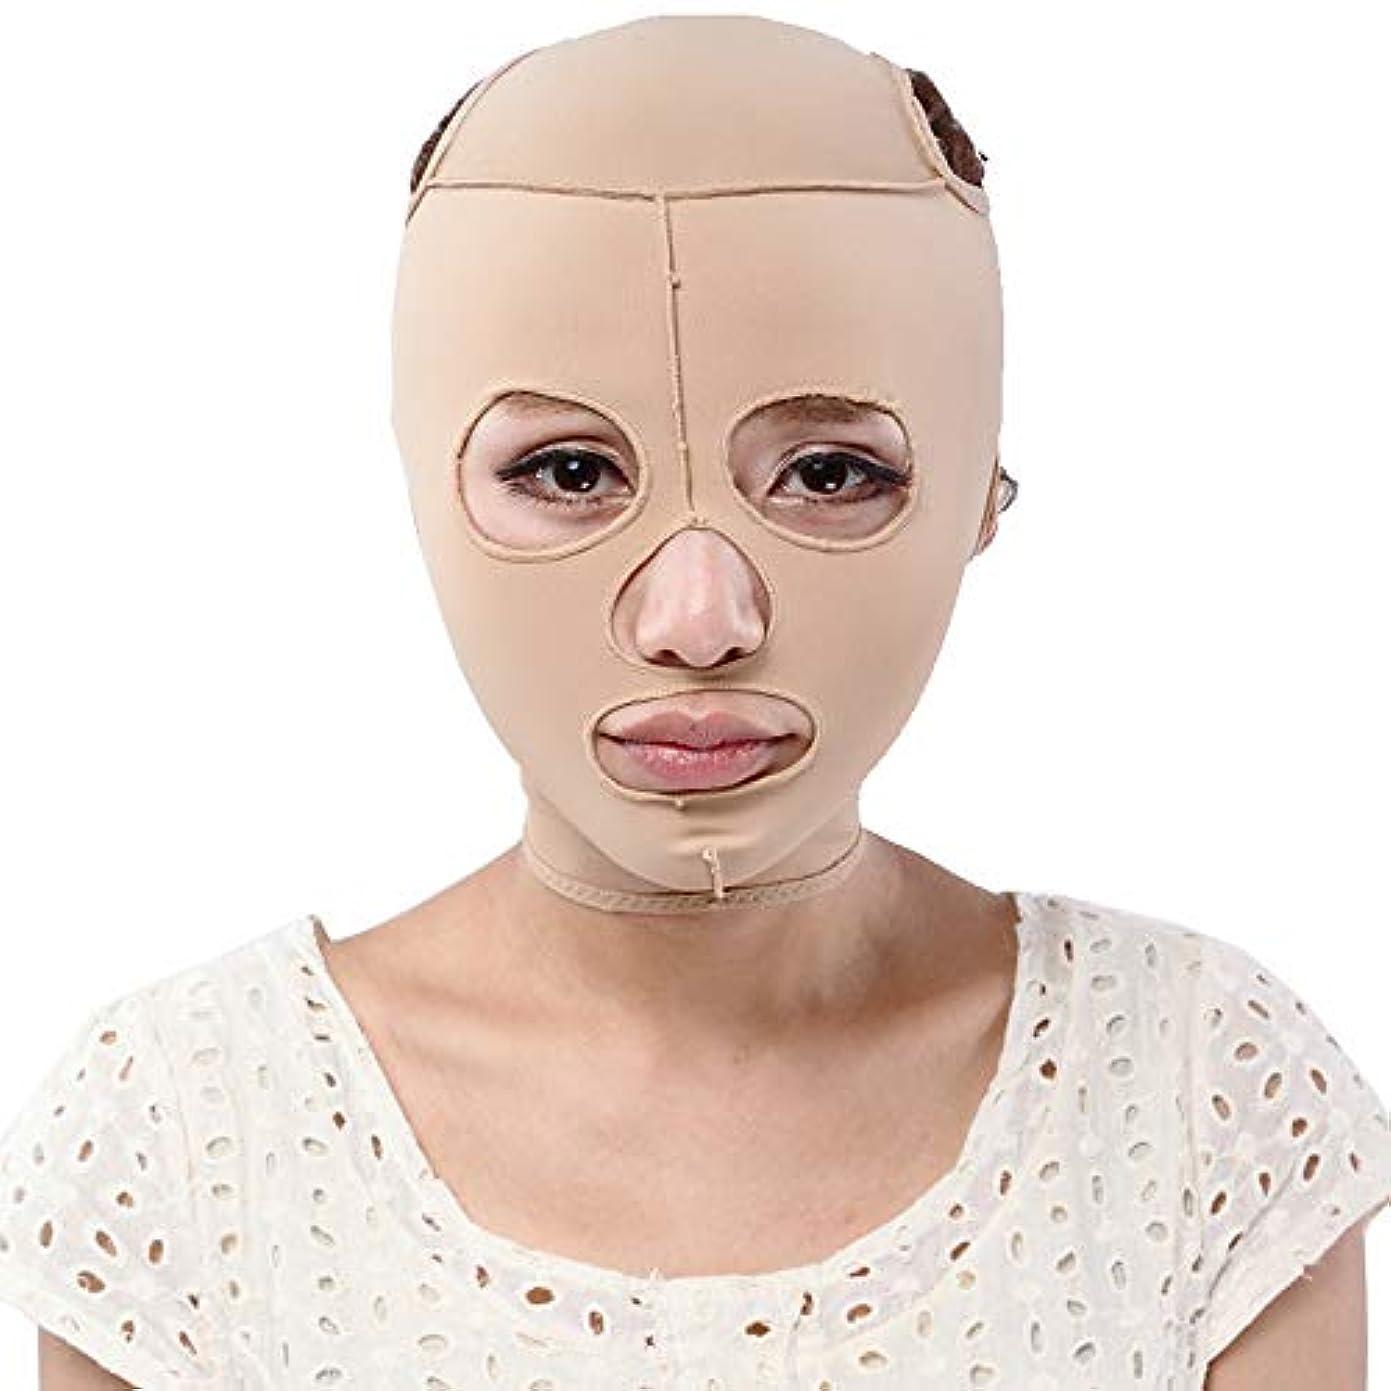 発揮する見物人ユーザー睡眠薄い顔の包帯、ダブル顎の顔を持ち上げる小物V顔マスクタイプリフティングフェイシャル,S